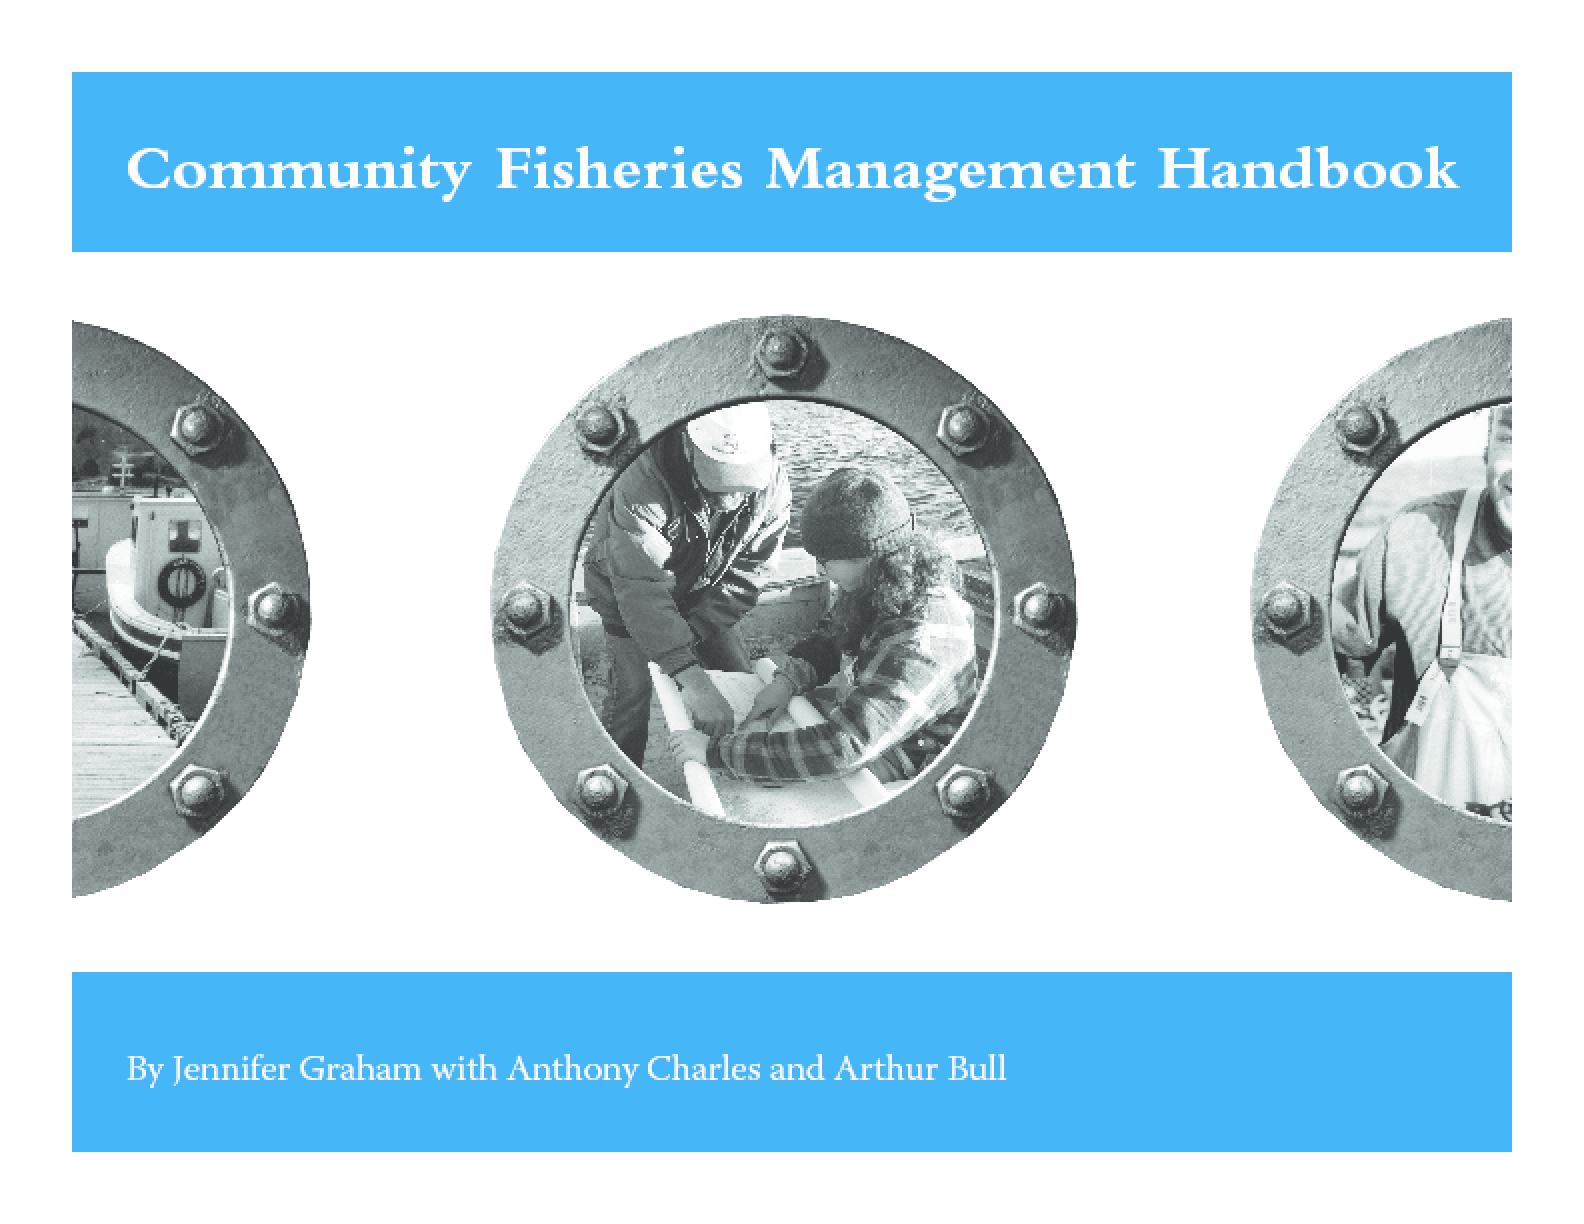 Community Fisheries Management Handbook